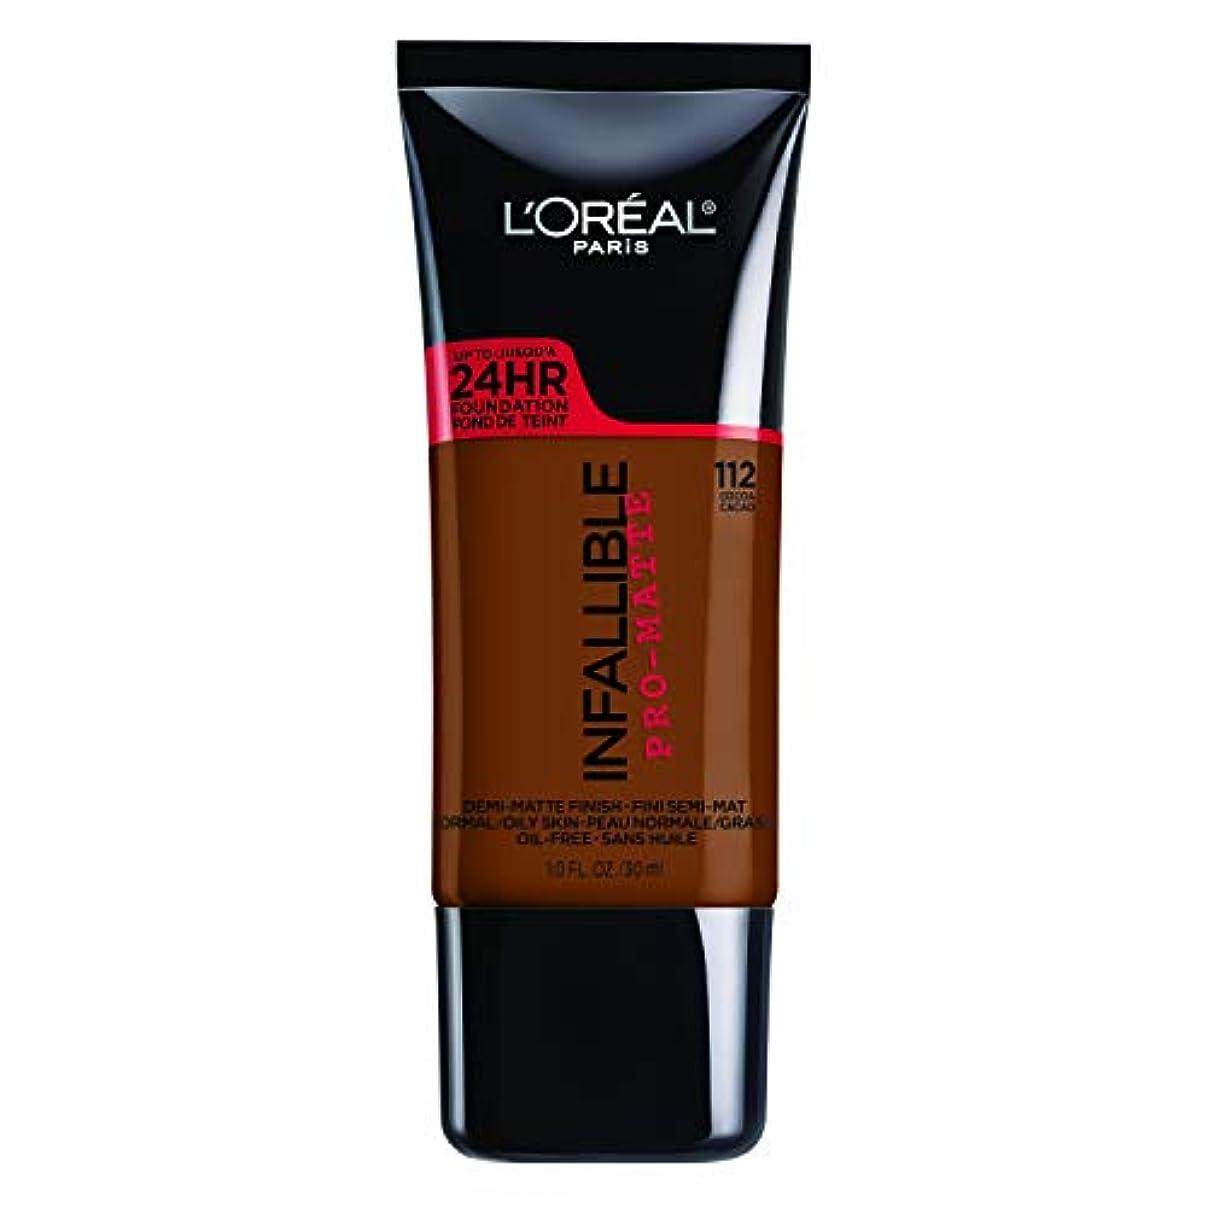 荒涼とした差持続的L'Oreal Paris Infallible Pro-Matte Foundation Makeup, 112 Cocoa, 1 fl. oz[並行輸入品]